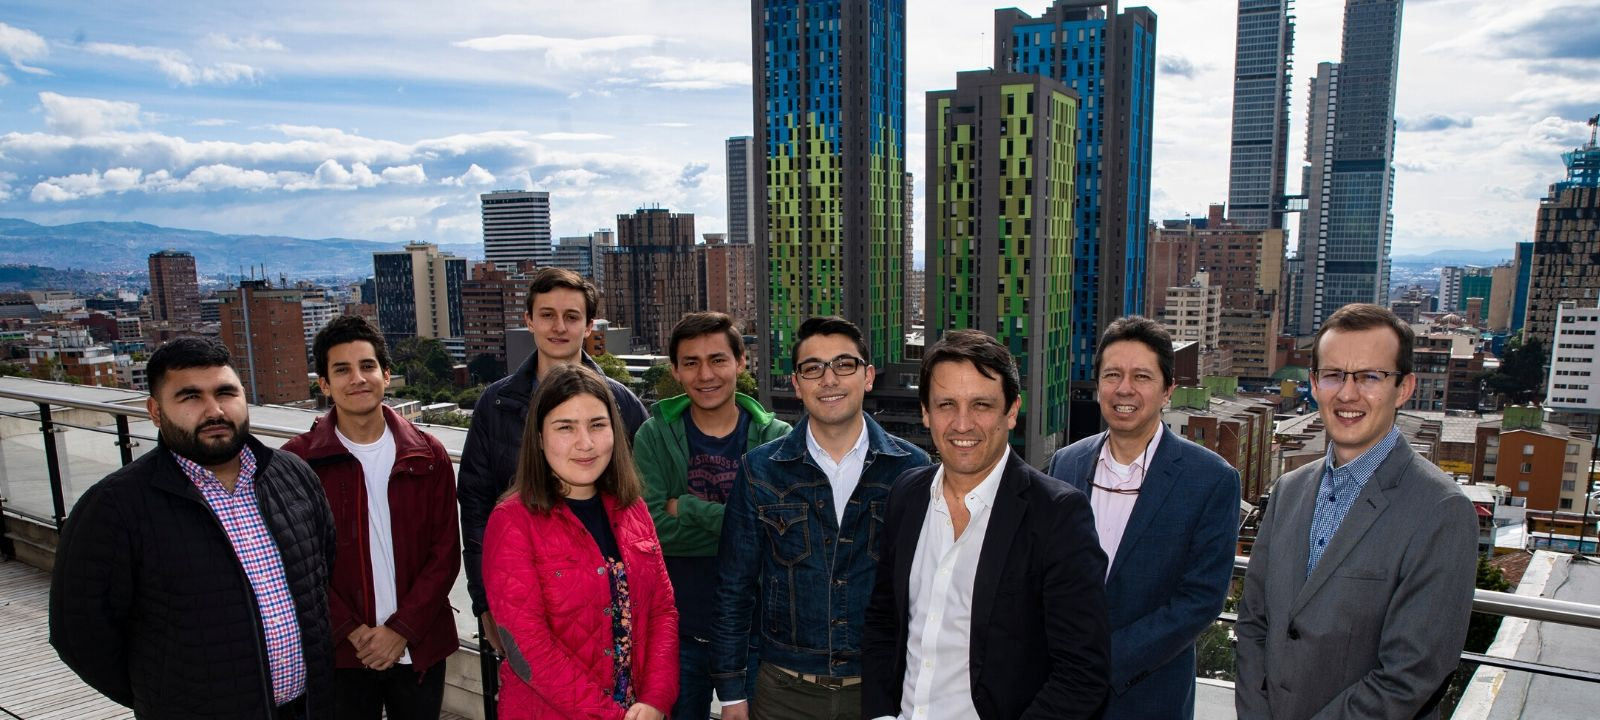 Investigadores del Grupo SUR de la Facultad de Ingeniería de Los Andes